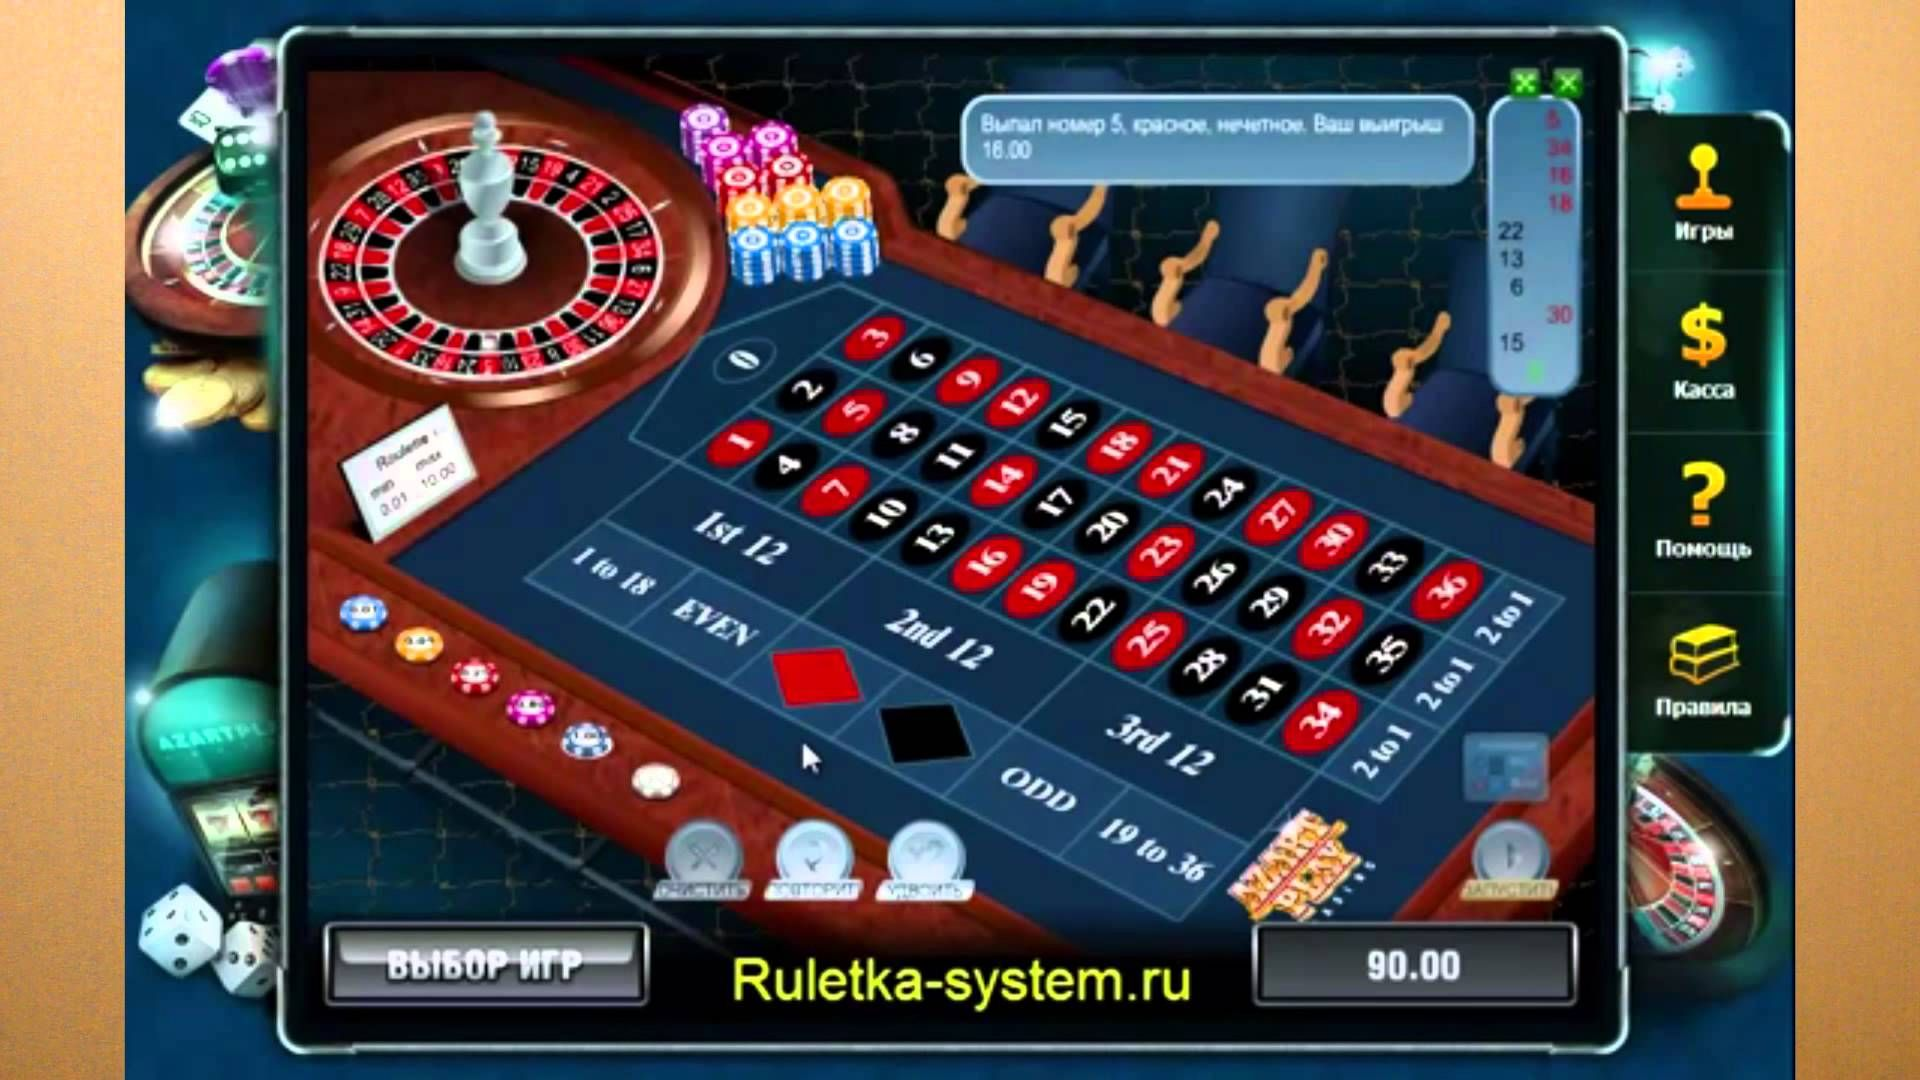 Slotka казино как выйграть в казино в игре понаехали тут